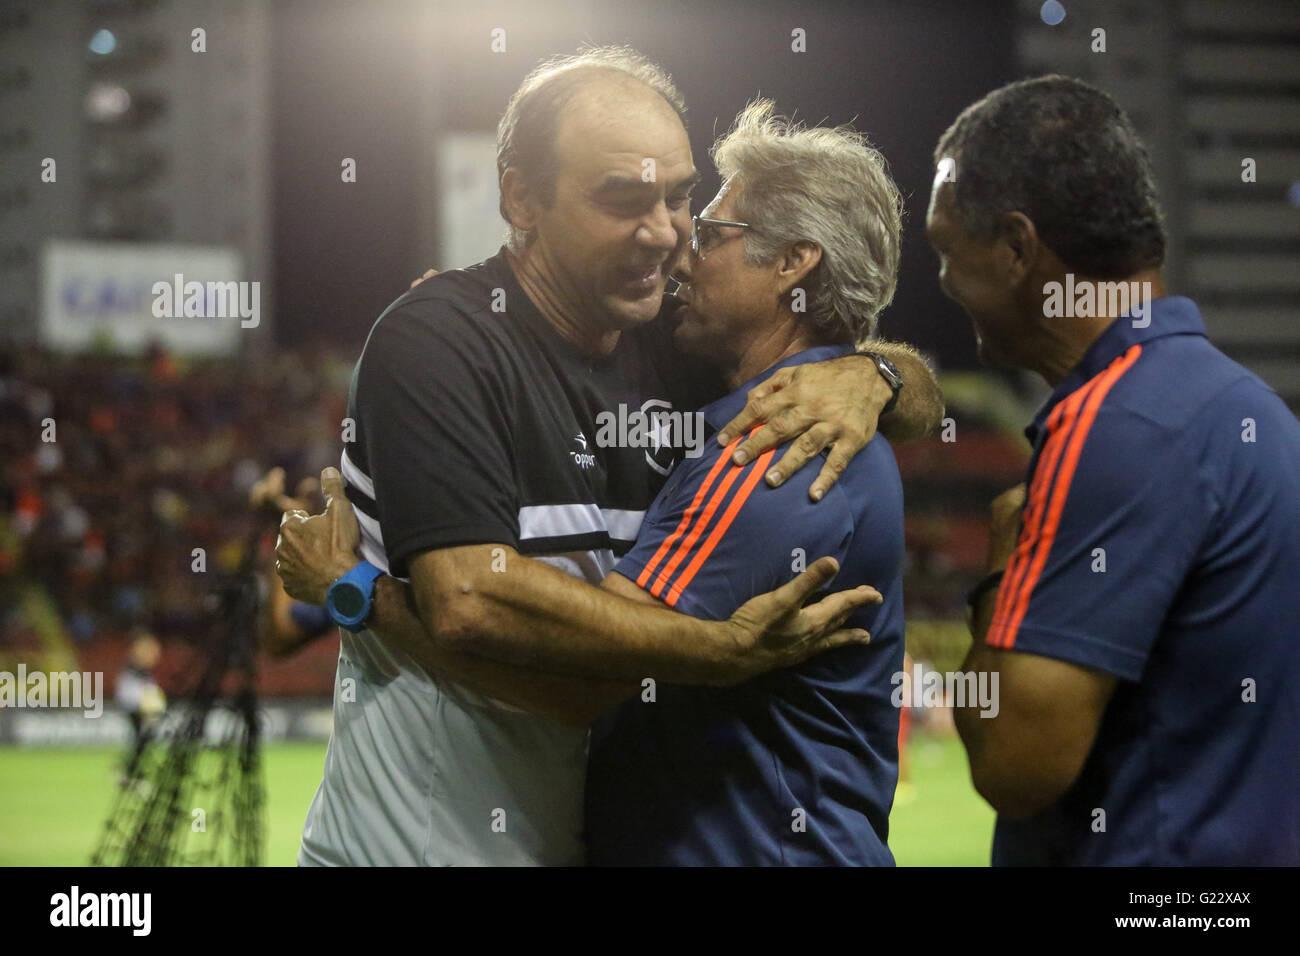 Recife Pe 05 22 2016 Sport X Botafogo Tecnico Ricardo Gomes Stock Photo Alamy